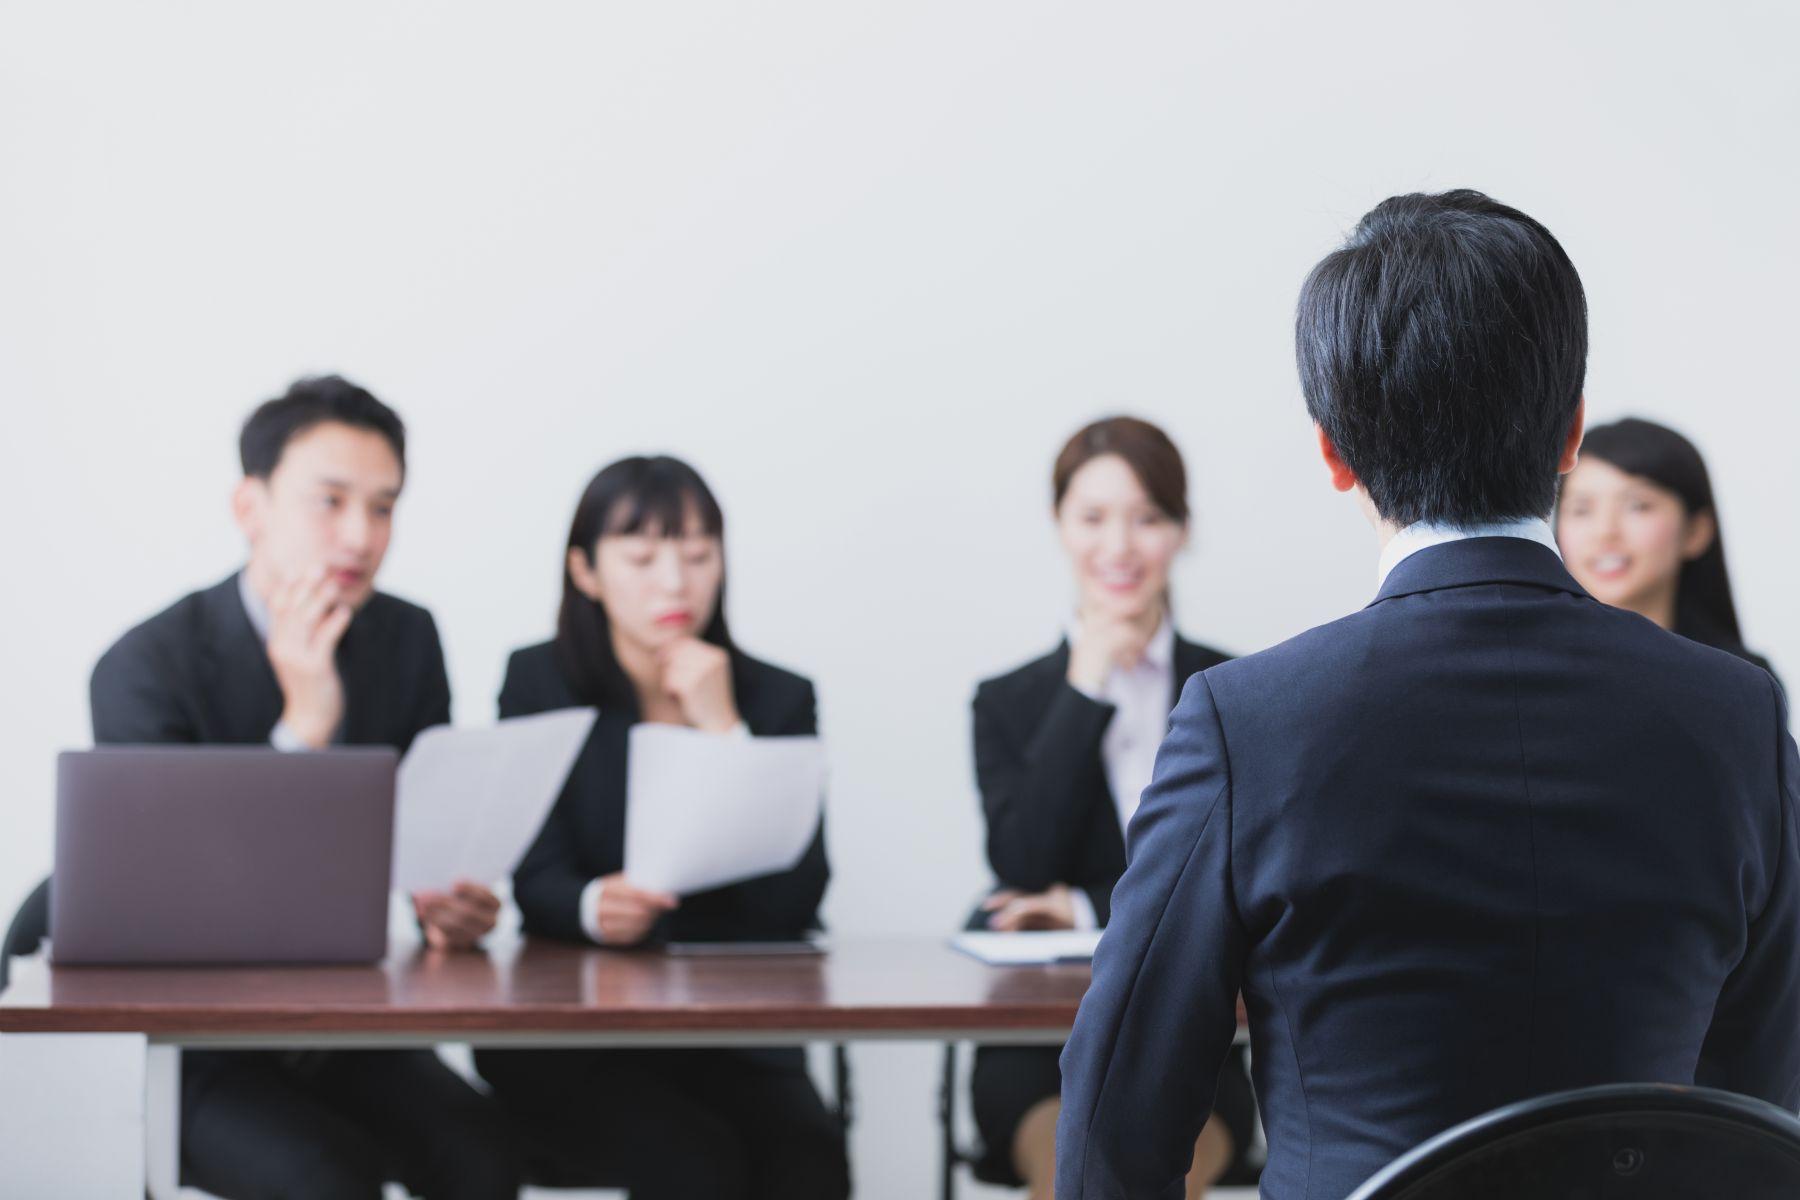 又到年中轉職潮!哪些是老闆夢寐以求的5種人才?